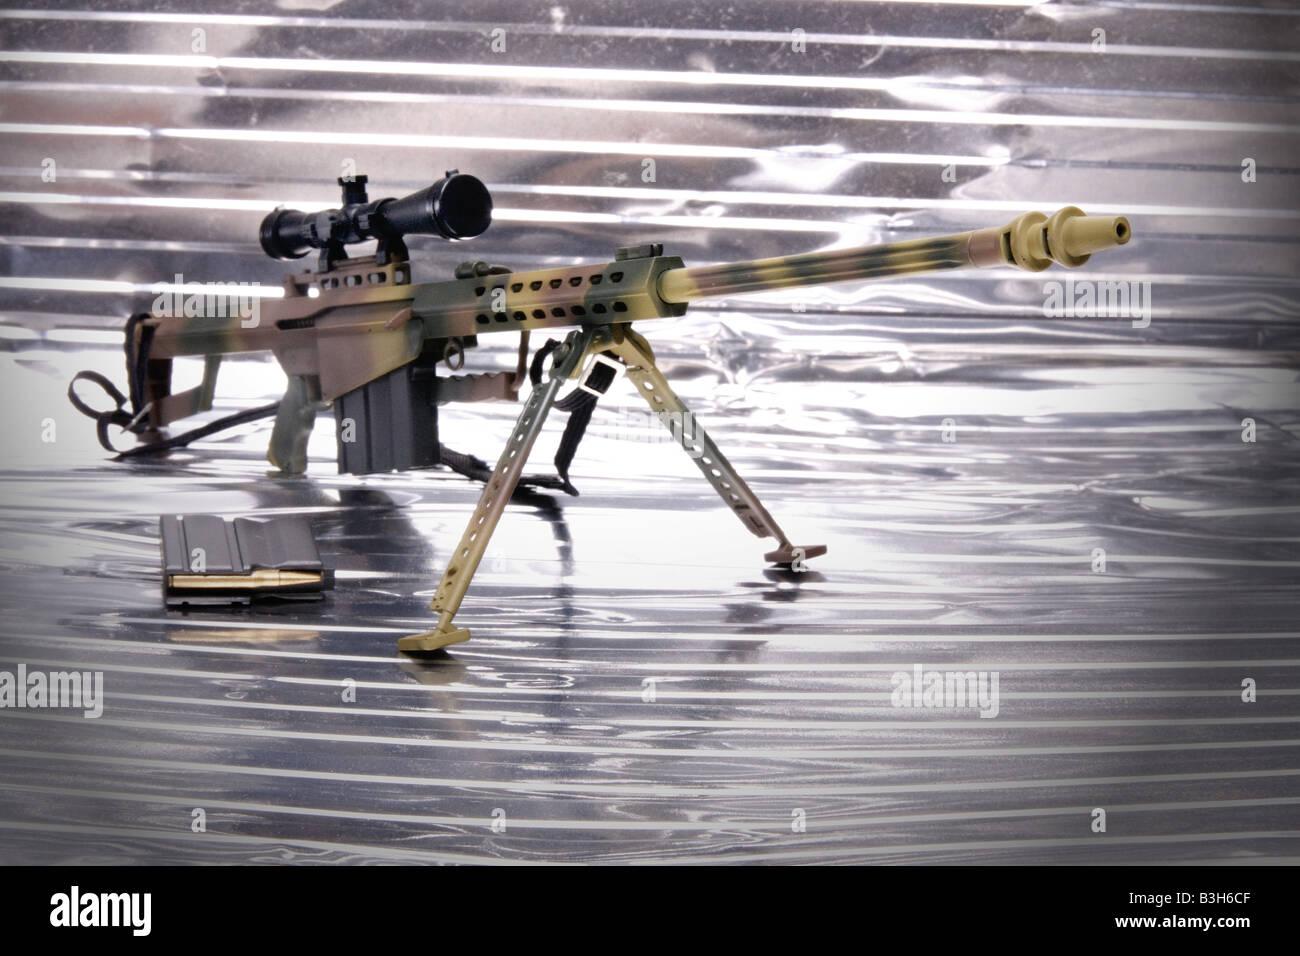 M85 Sniper Gewehr präzise genaue präzise Schnepfe Stockbild